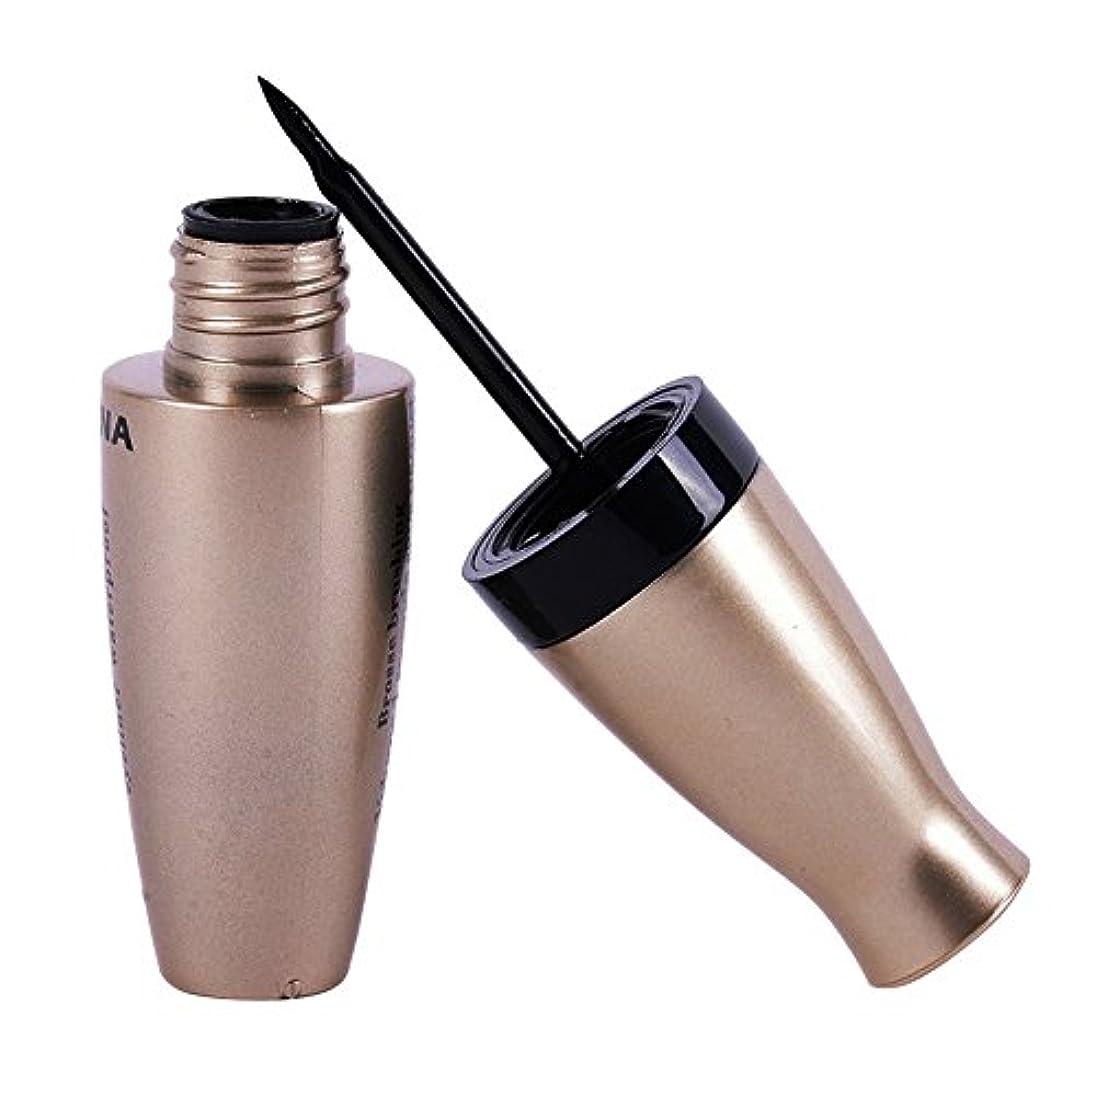 最も修正メガロポリス新しいアイライナー防水リキッドアイライナーペンシルペンメイクアップ美容化粧品